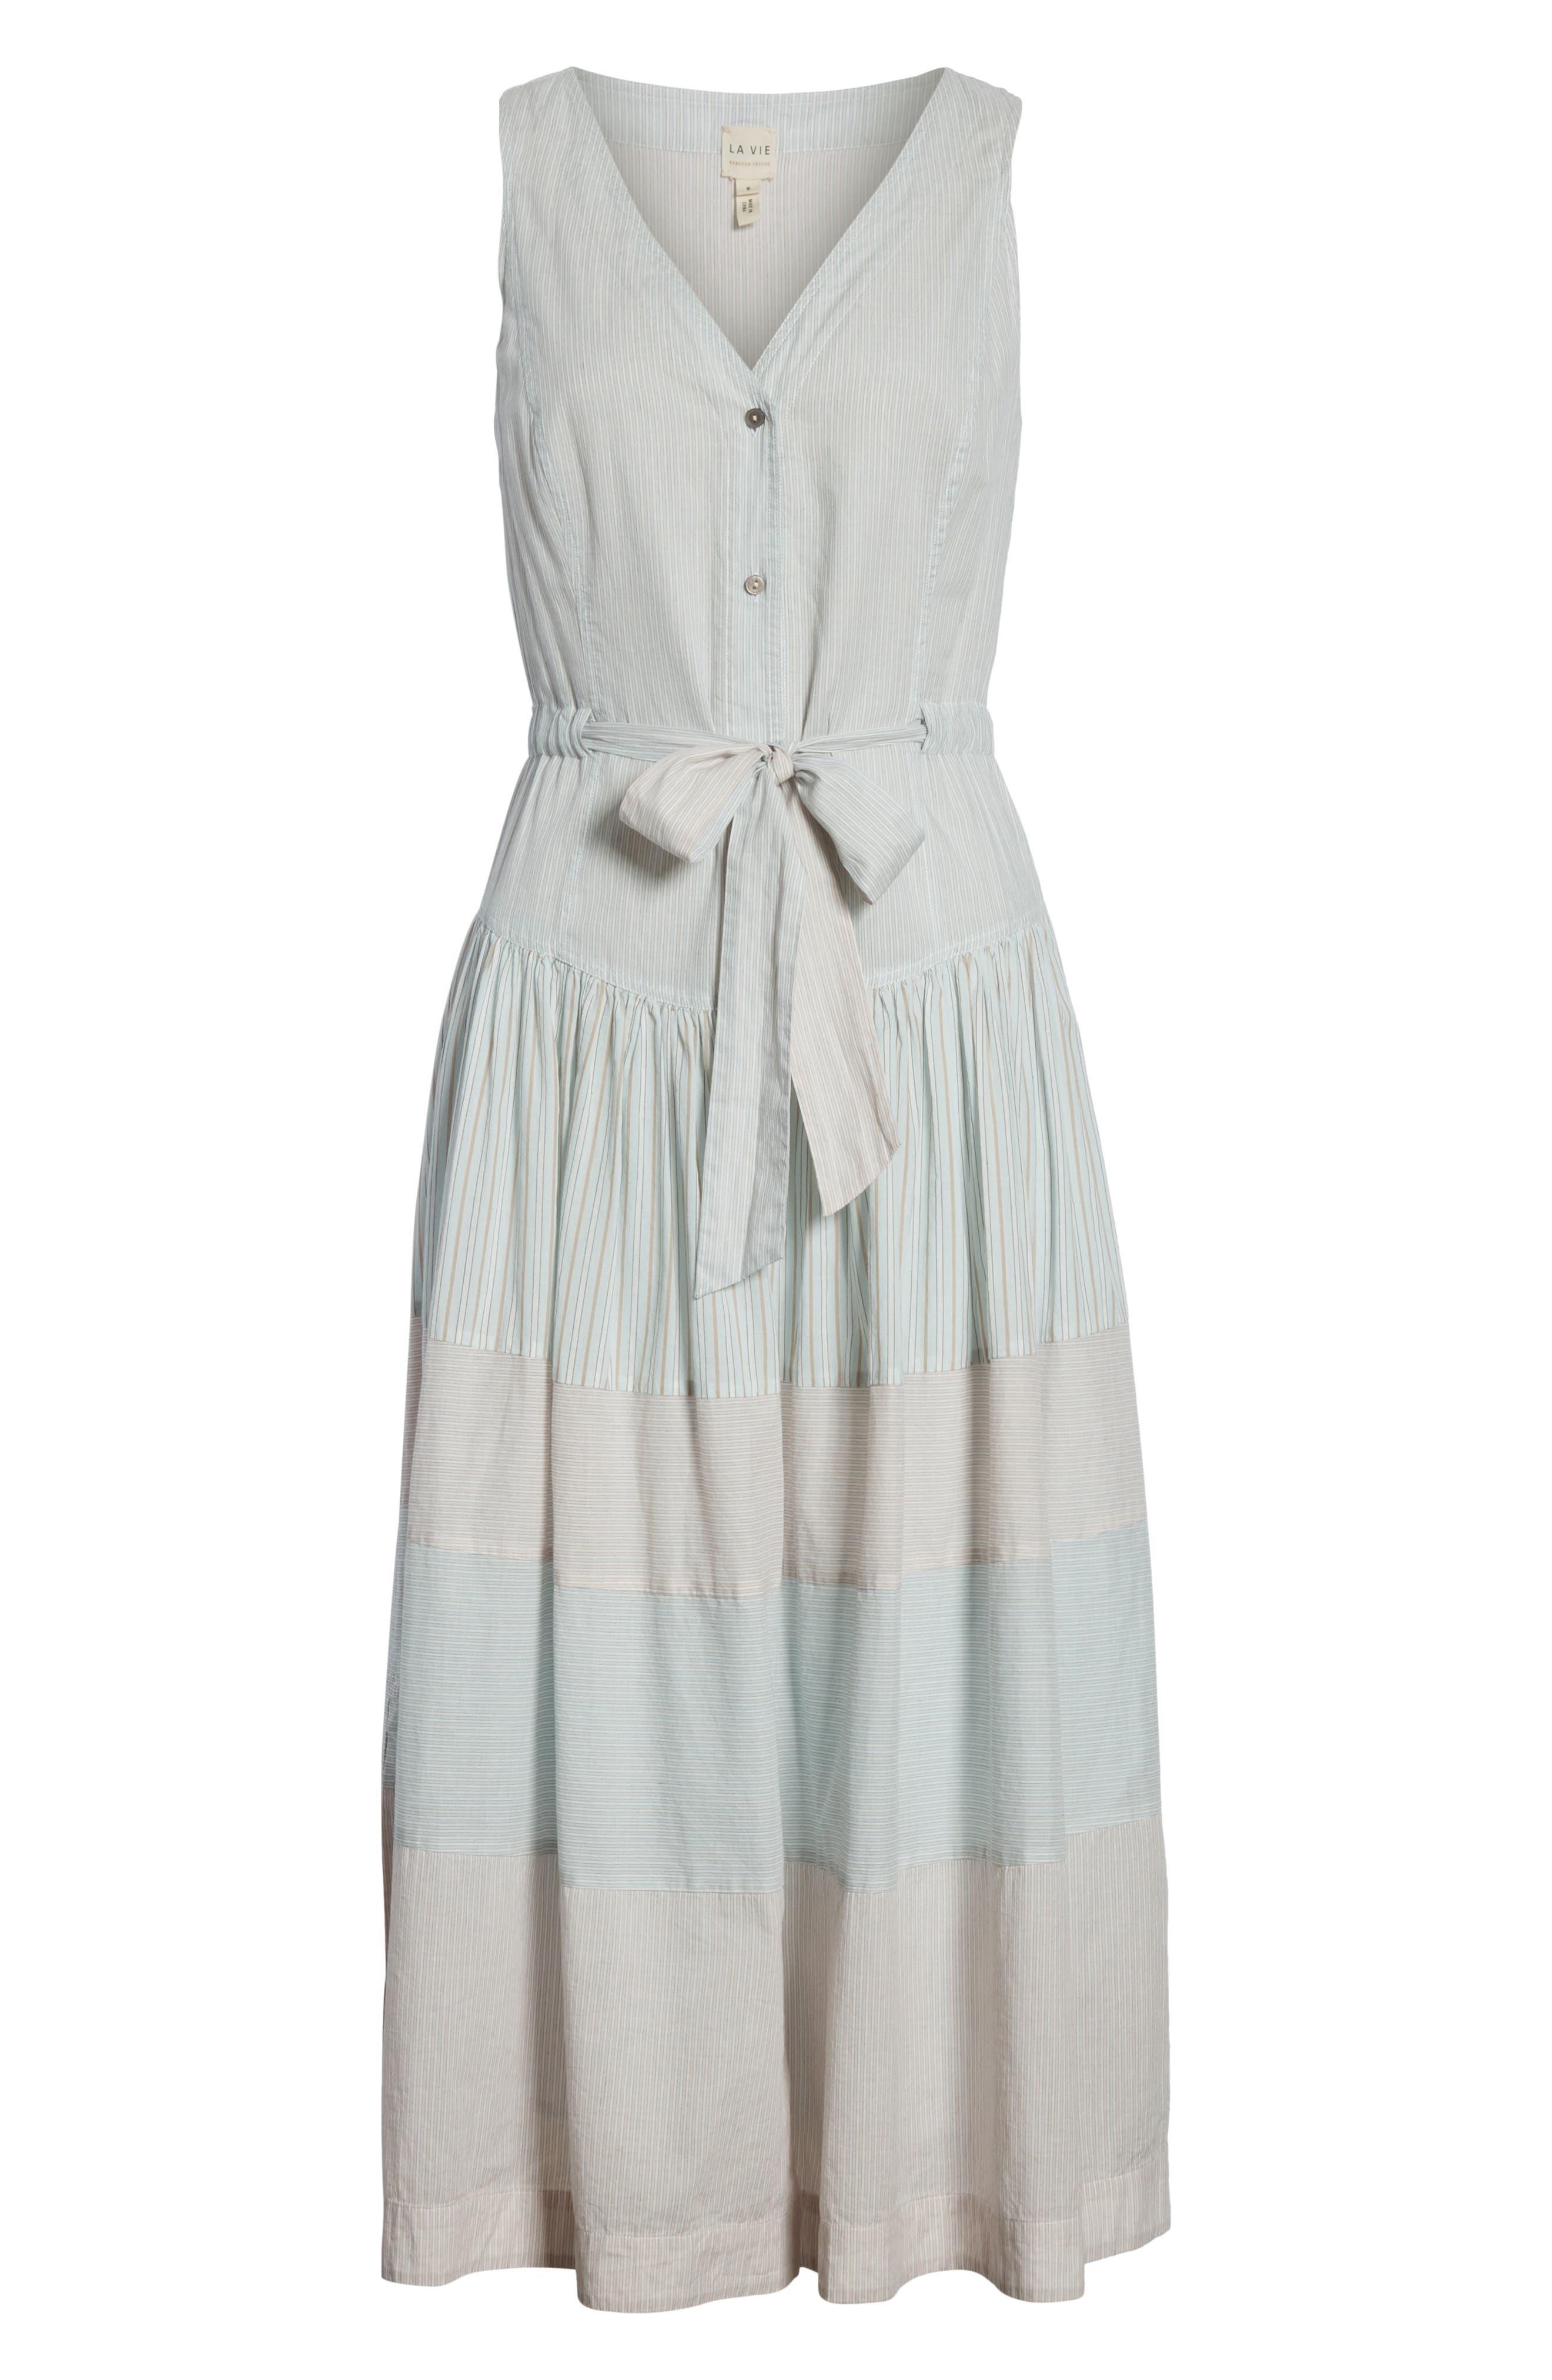 Mix Stripe Cotton Dress,                             Alternate thumbnail 6, color,                             Multi Combo